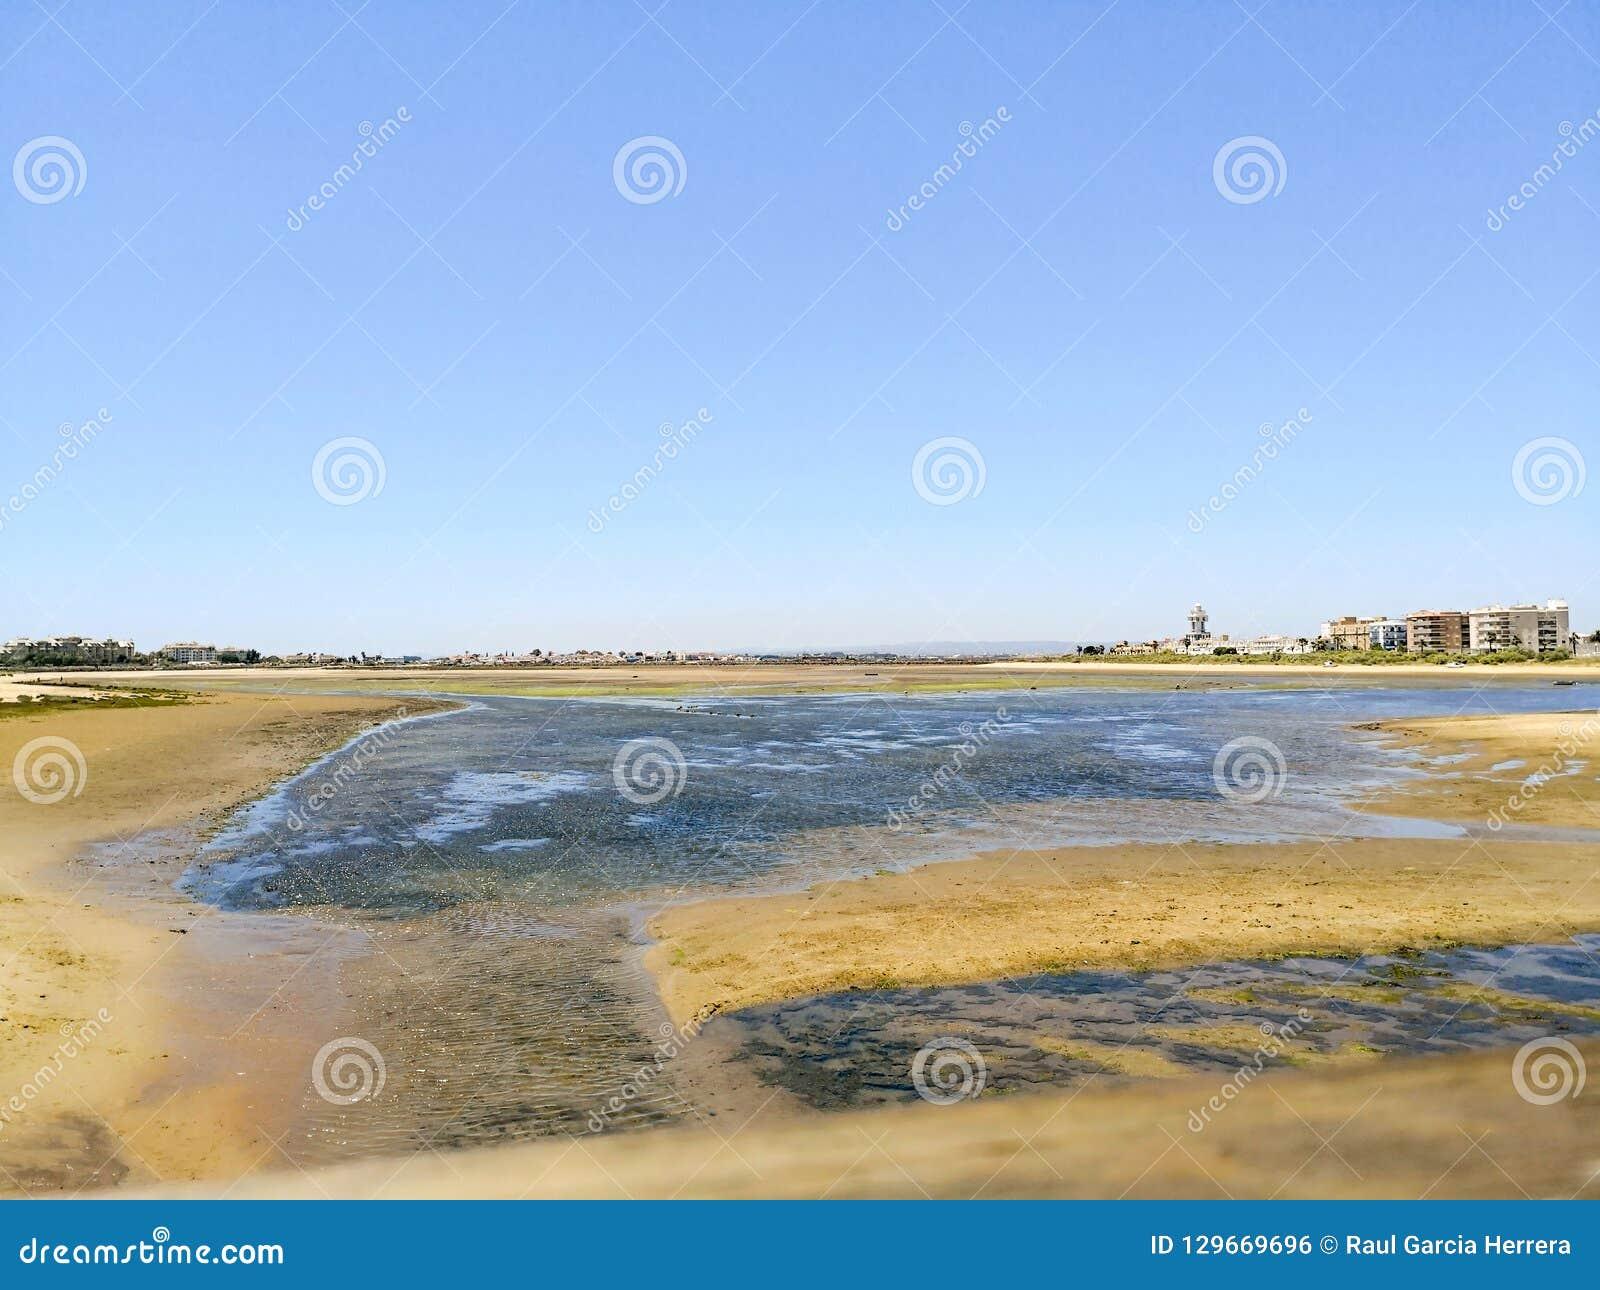 Área do marisco ao lado da praia de Cristina do isla, Costa de la Luz, Huelva, Espanha Praia de Cantil no fundo